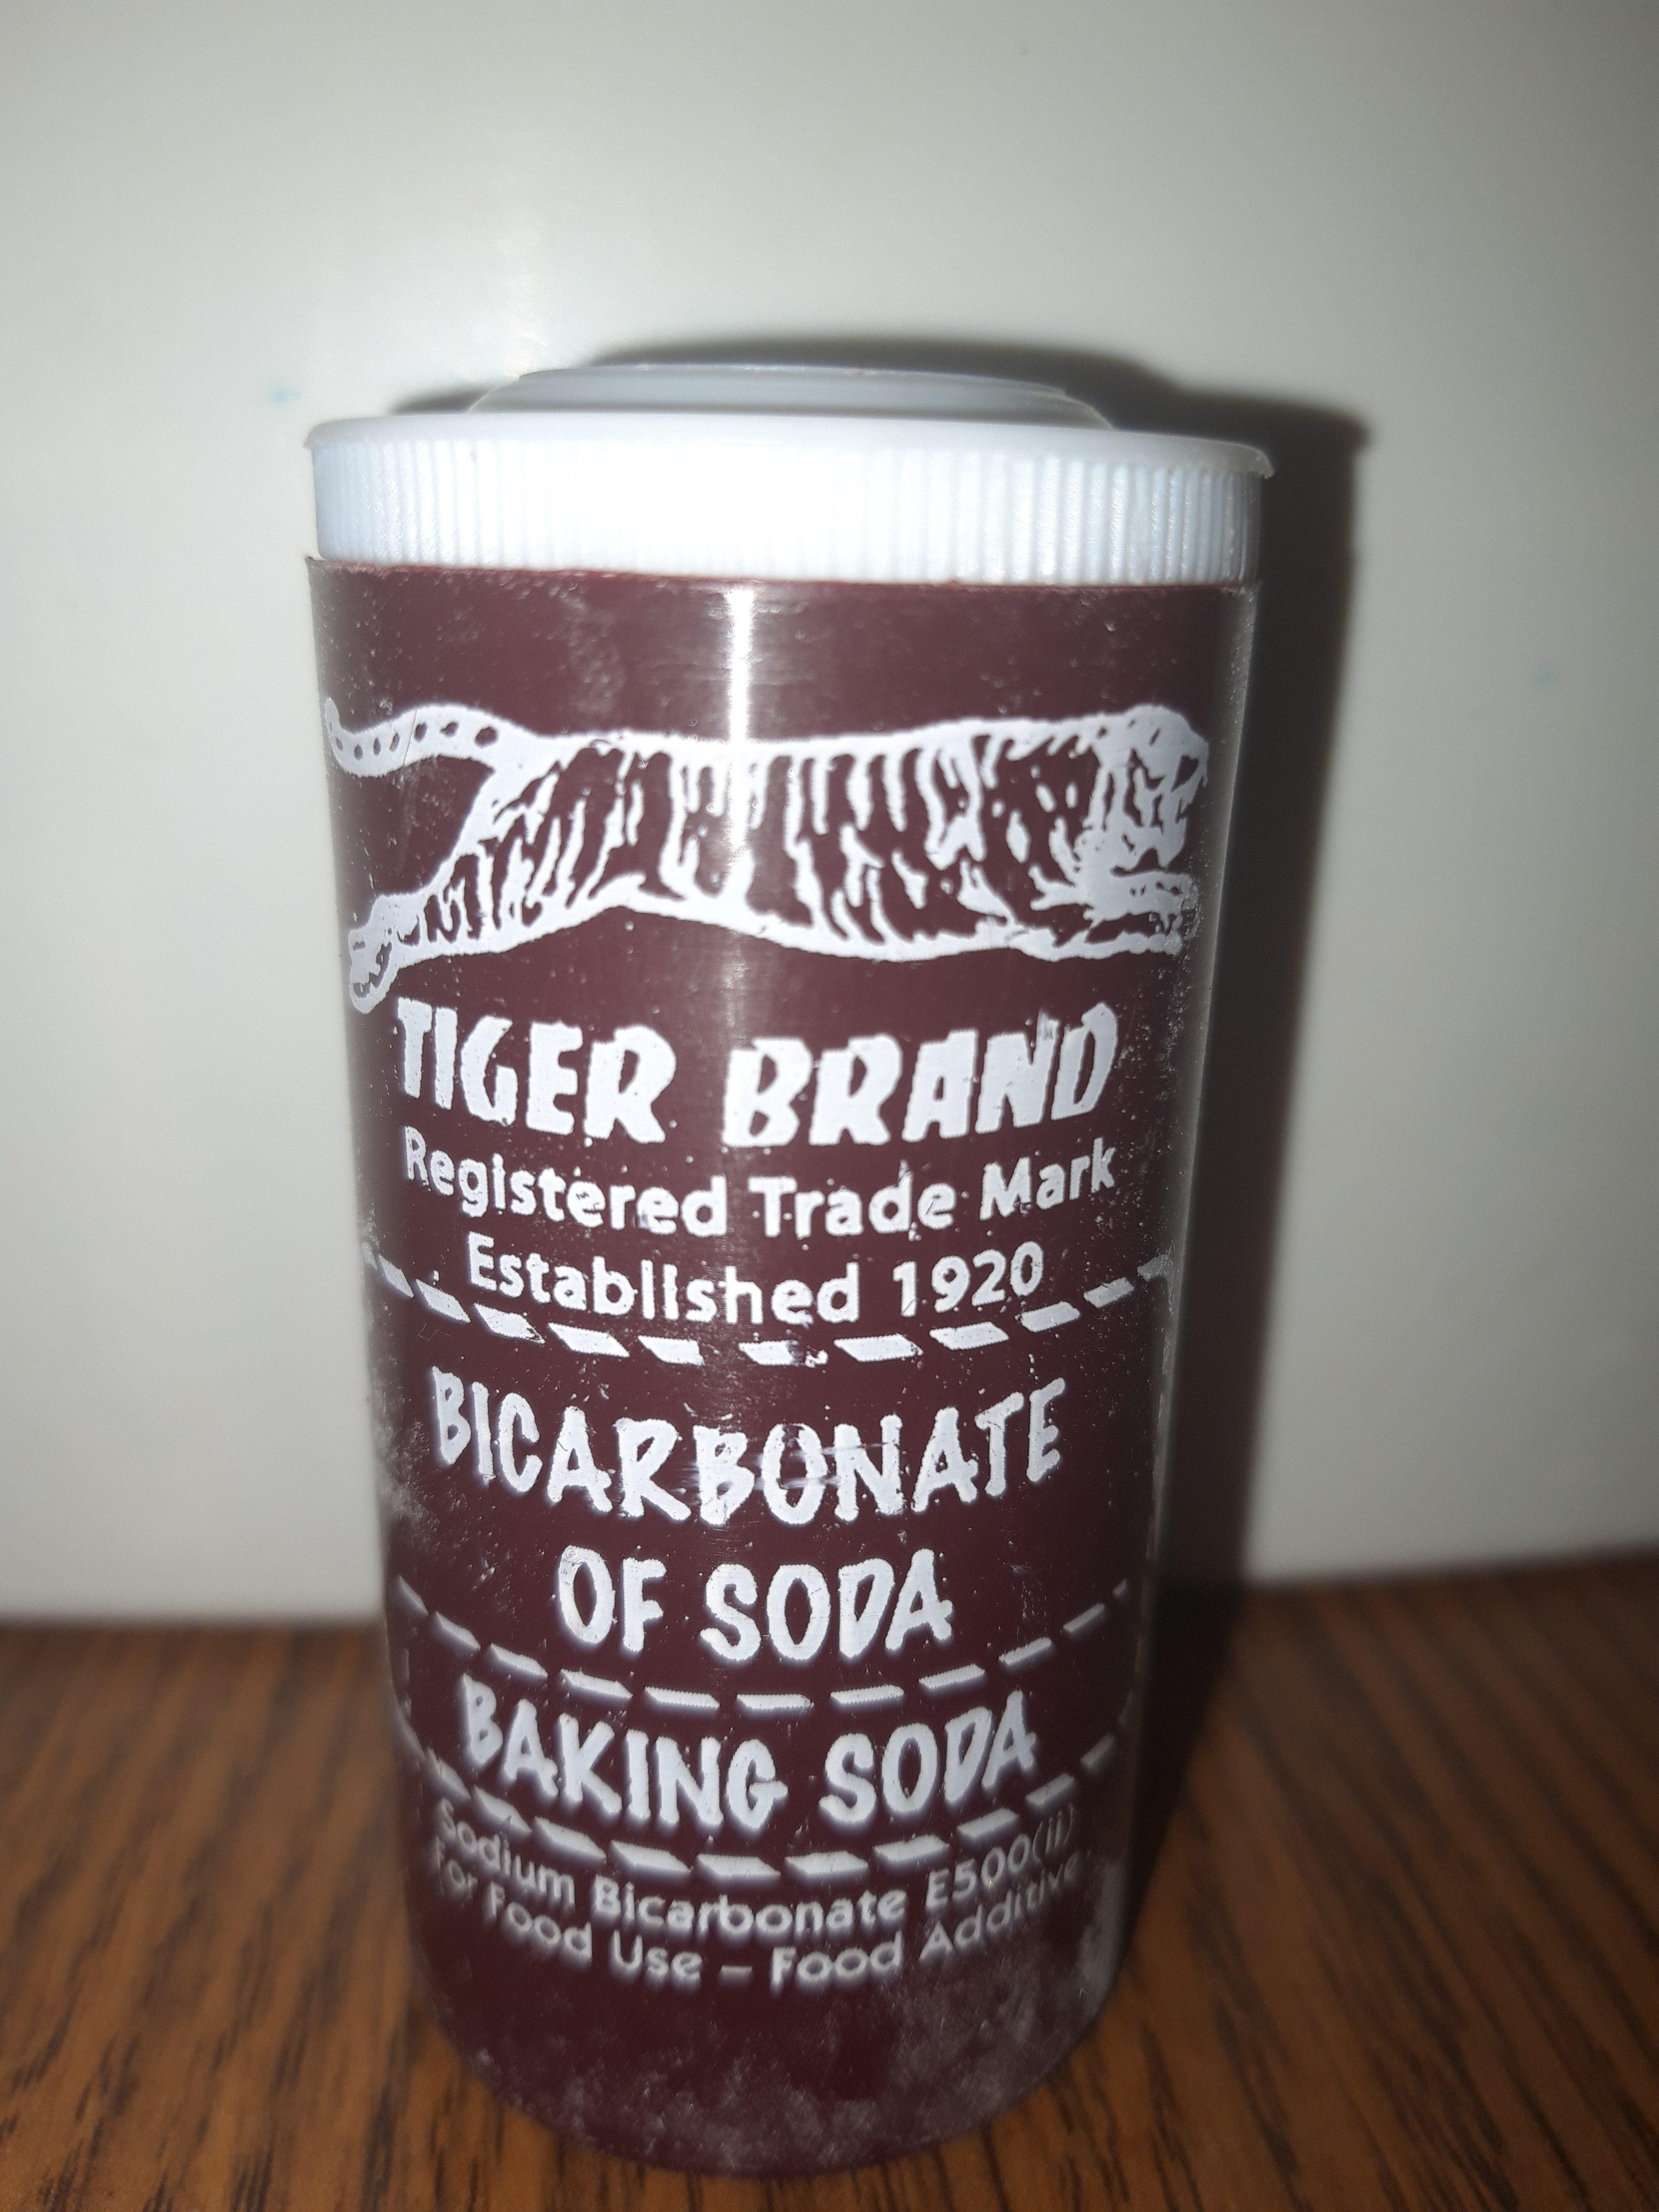 TIGER BRAND BICARBONATE OF SODA